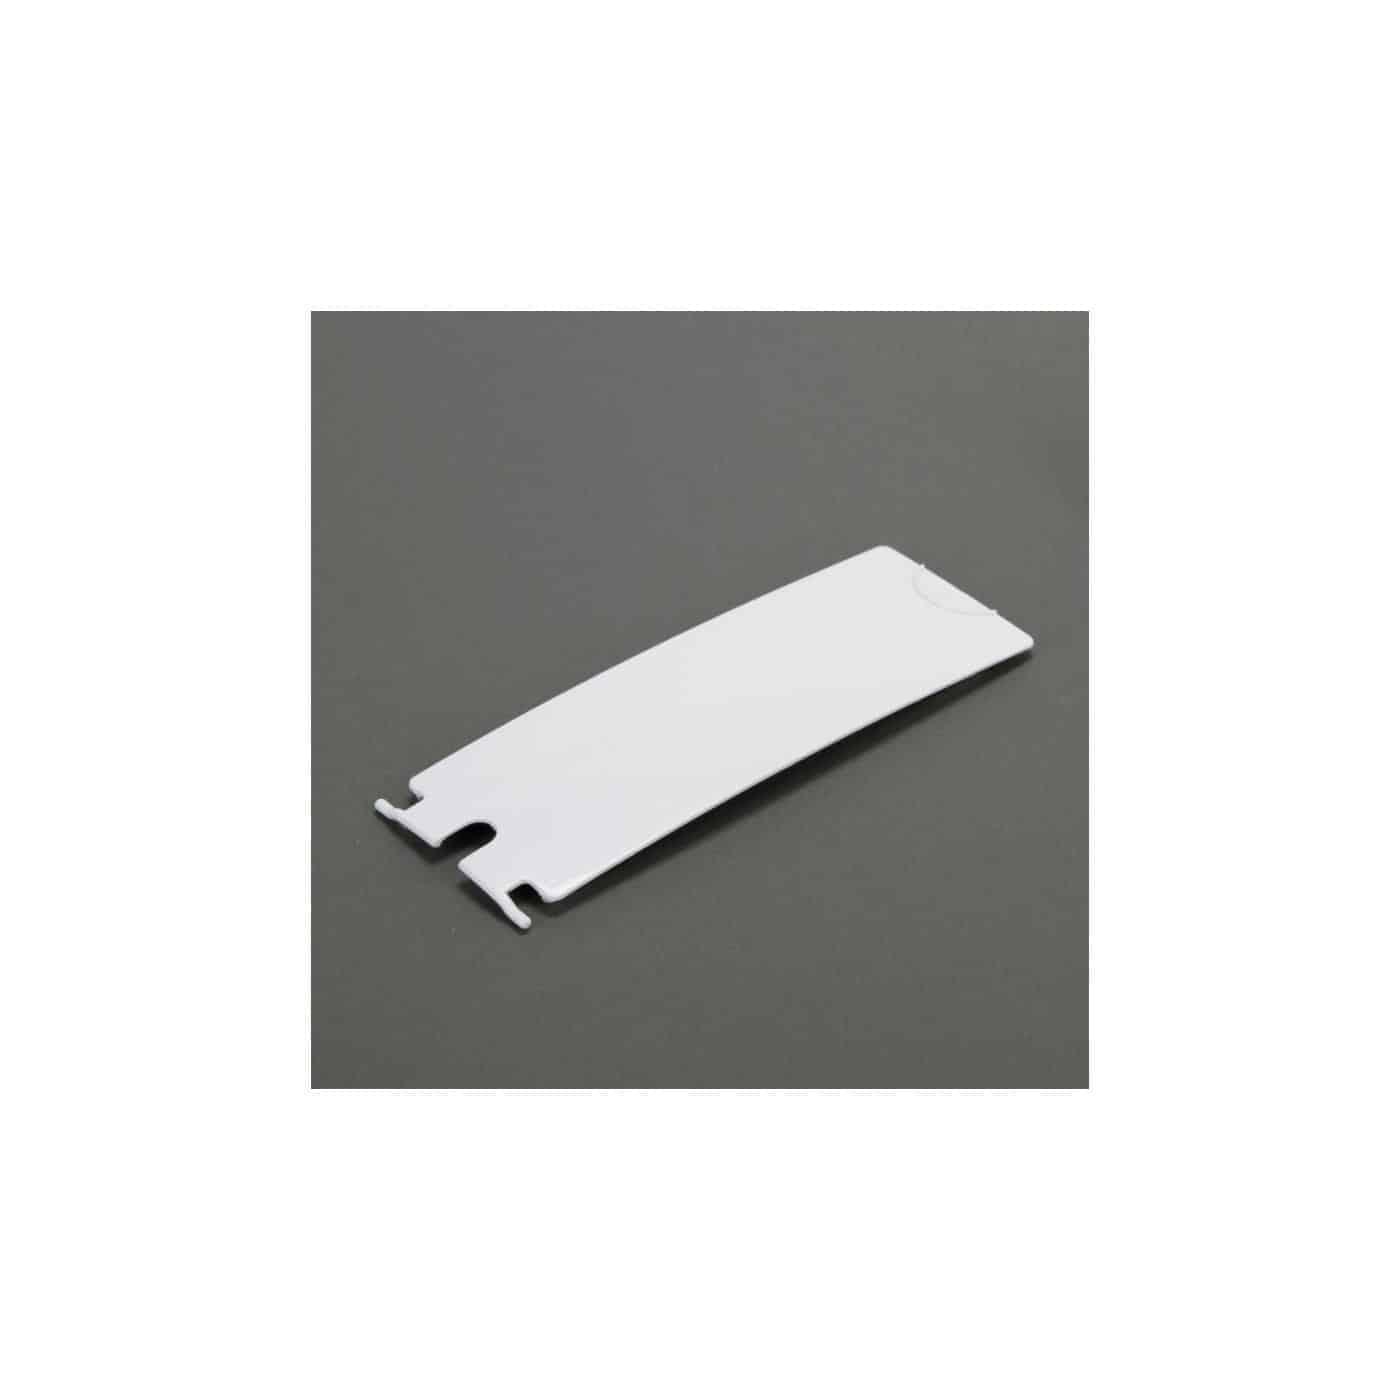 (EFL310010) - Battery Door: Apprentice S 15e RTF